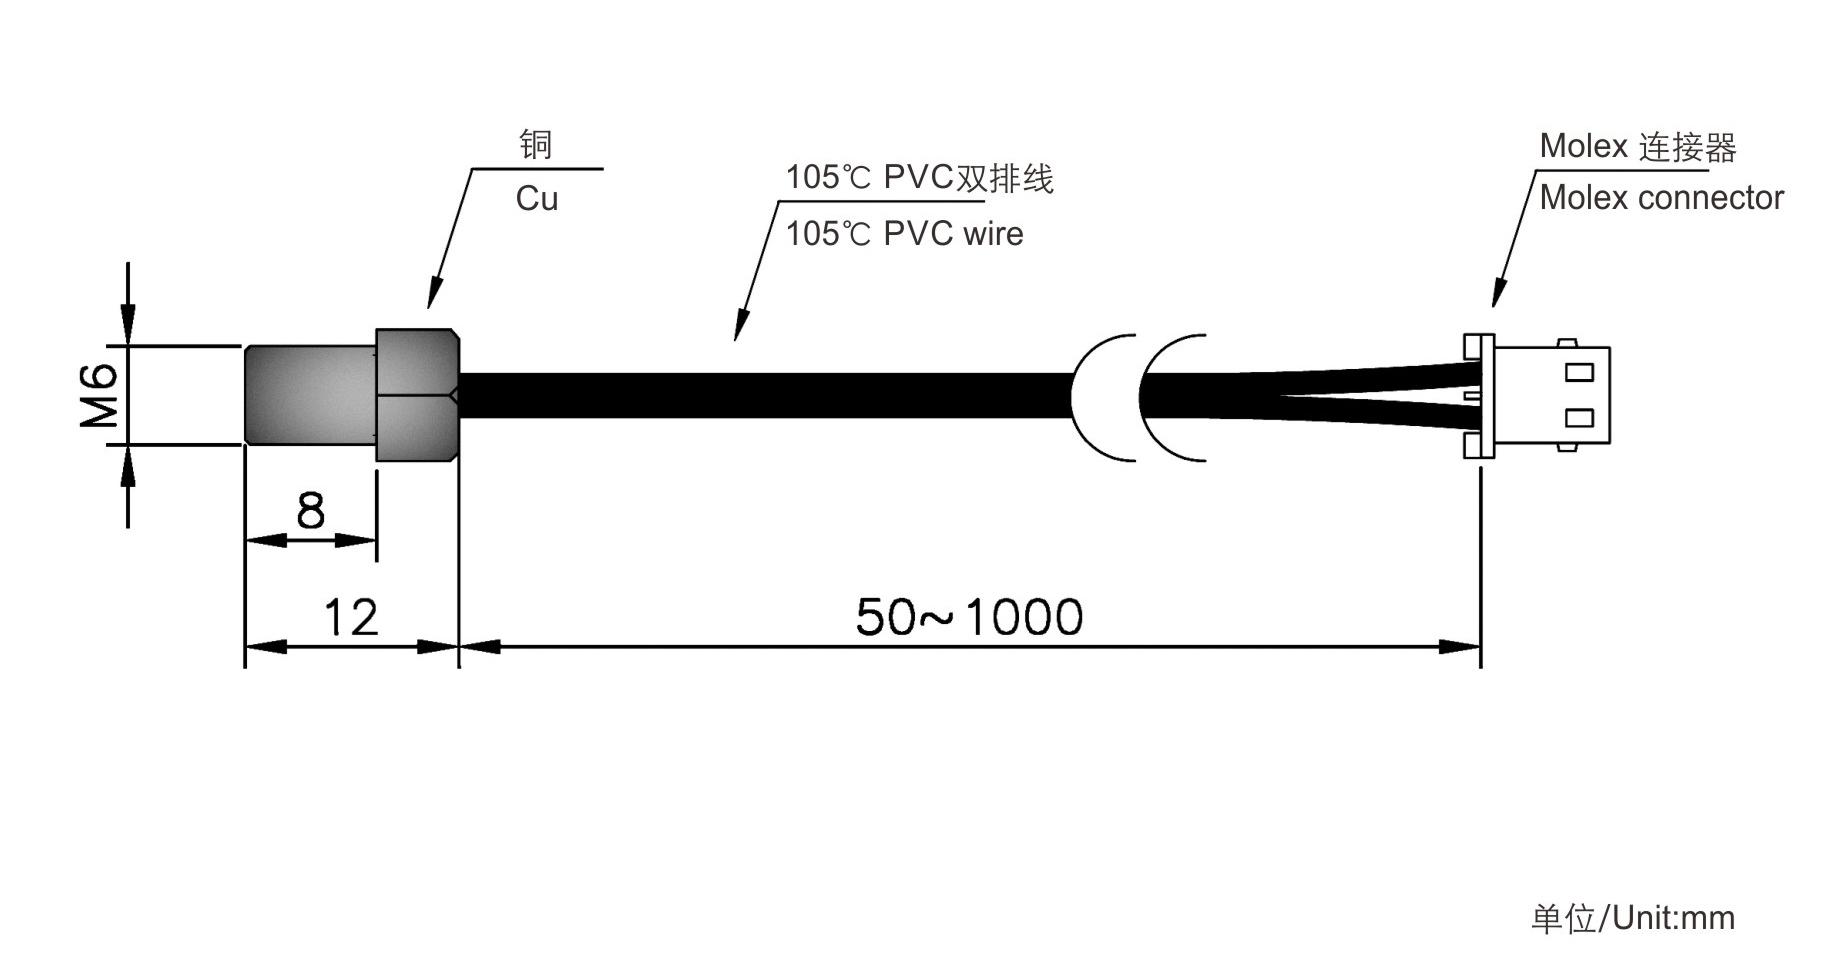 采用mf58ntc热敏电阻芯片(r25℃=10kω±2%  b25/85=3435k